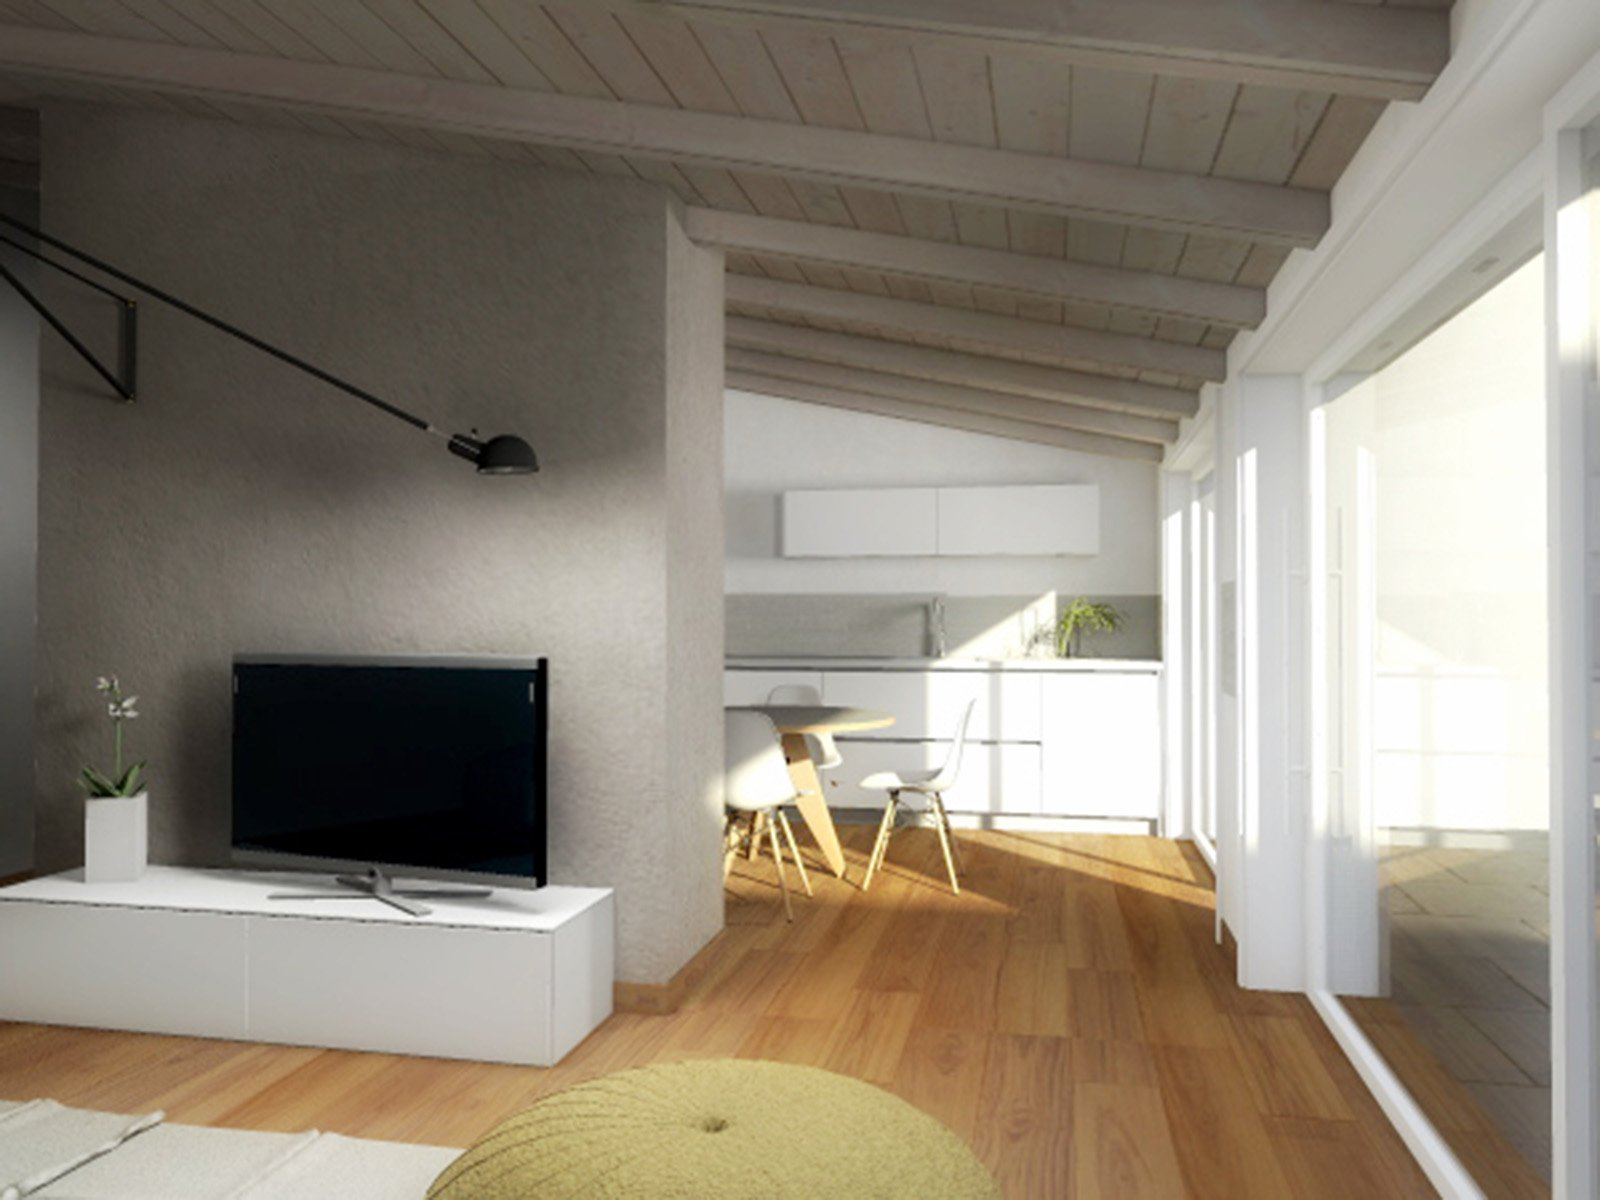 Mansarda una casa sottotetto luminosa e contemporanea for Arredamento per sottotetto